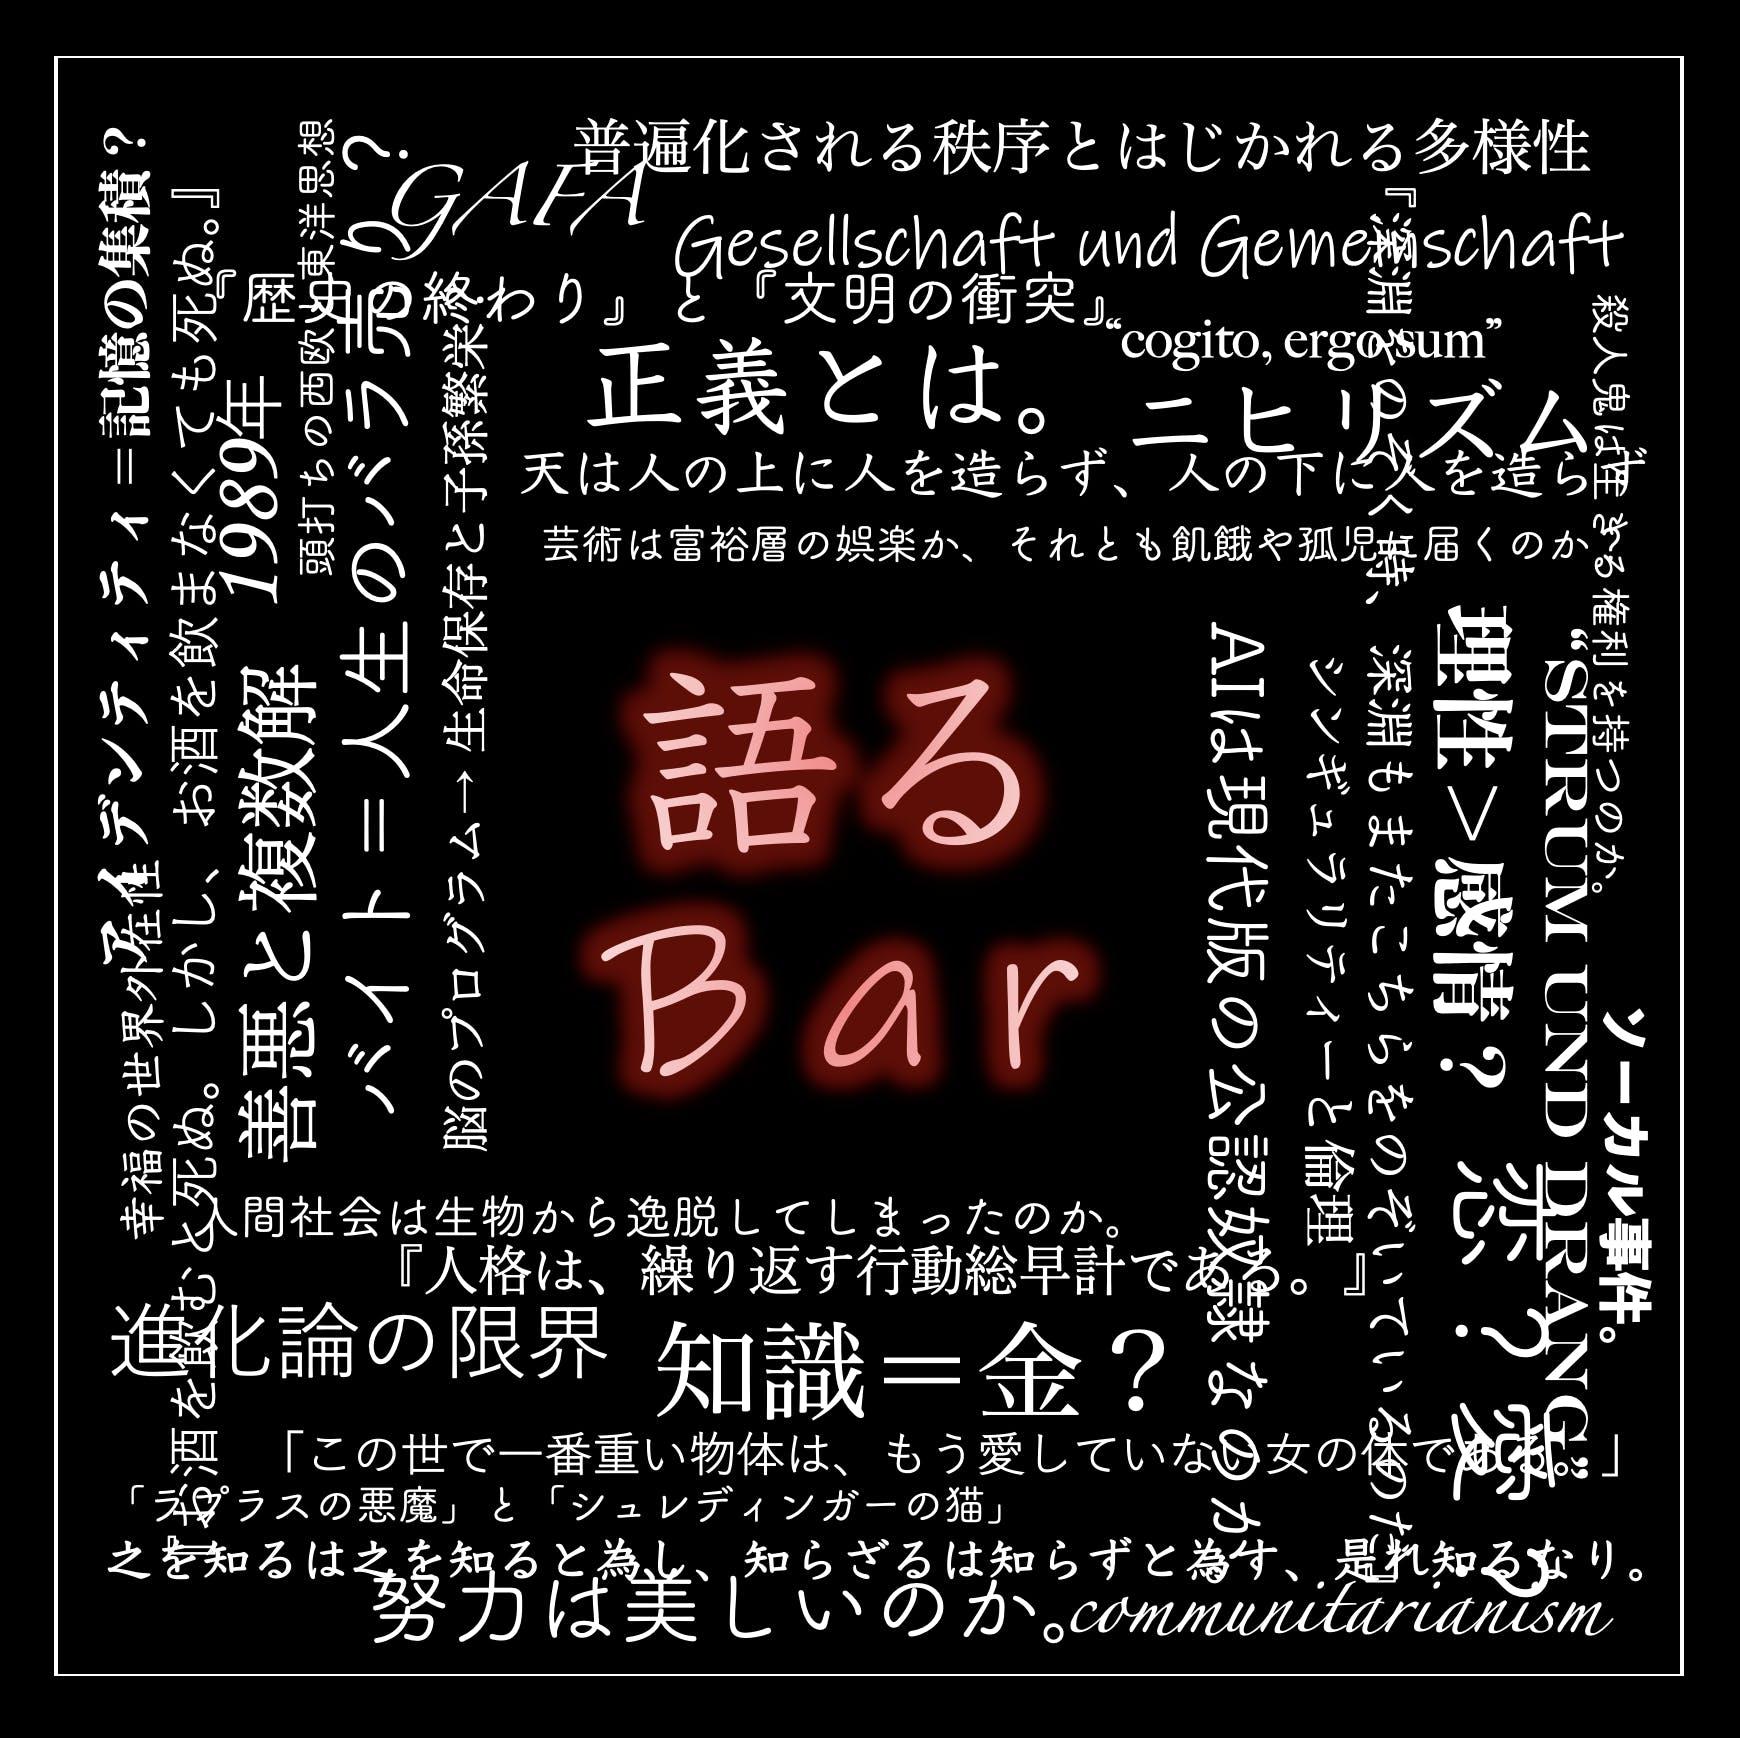 京大生✖︎語り✖︎BARで21世紀の坂本龍馬を生み出す!! - CAMPFIRE ...